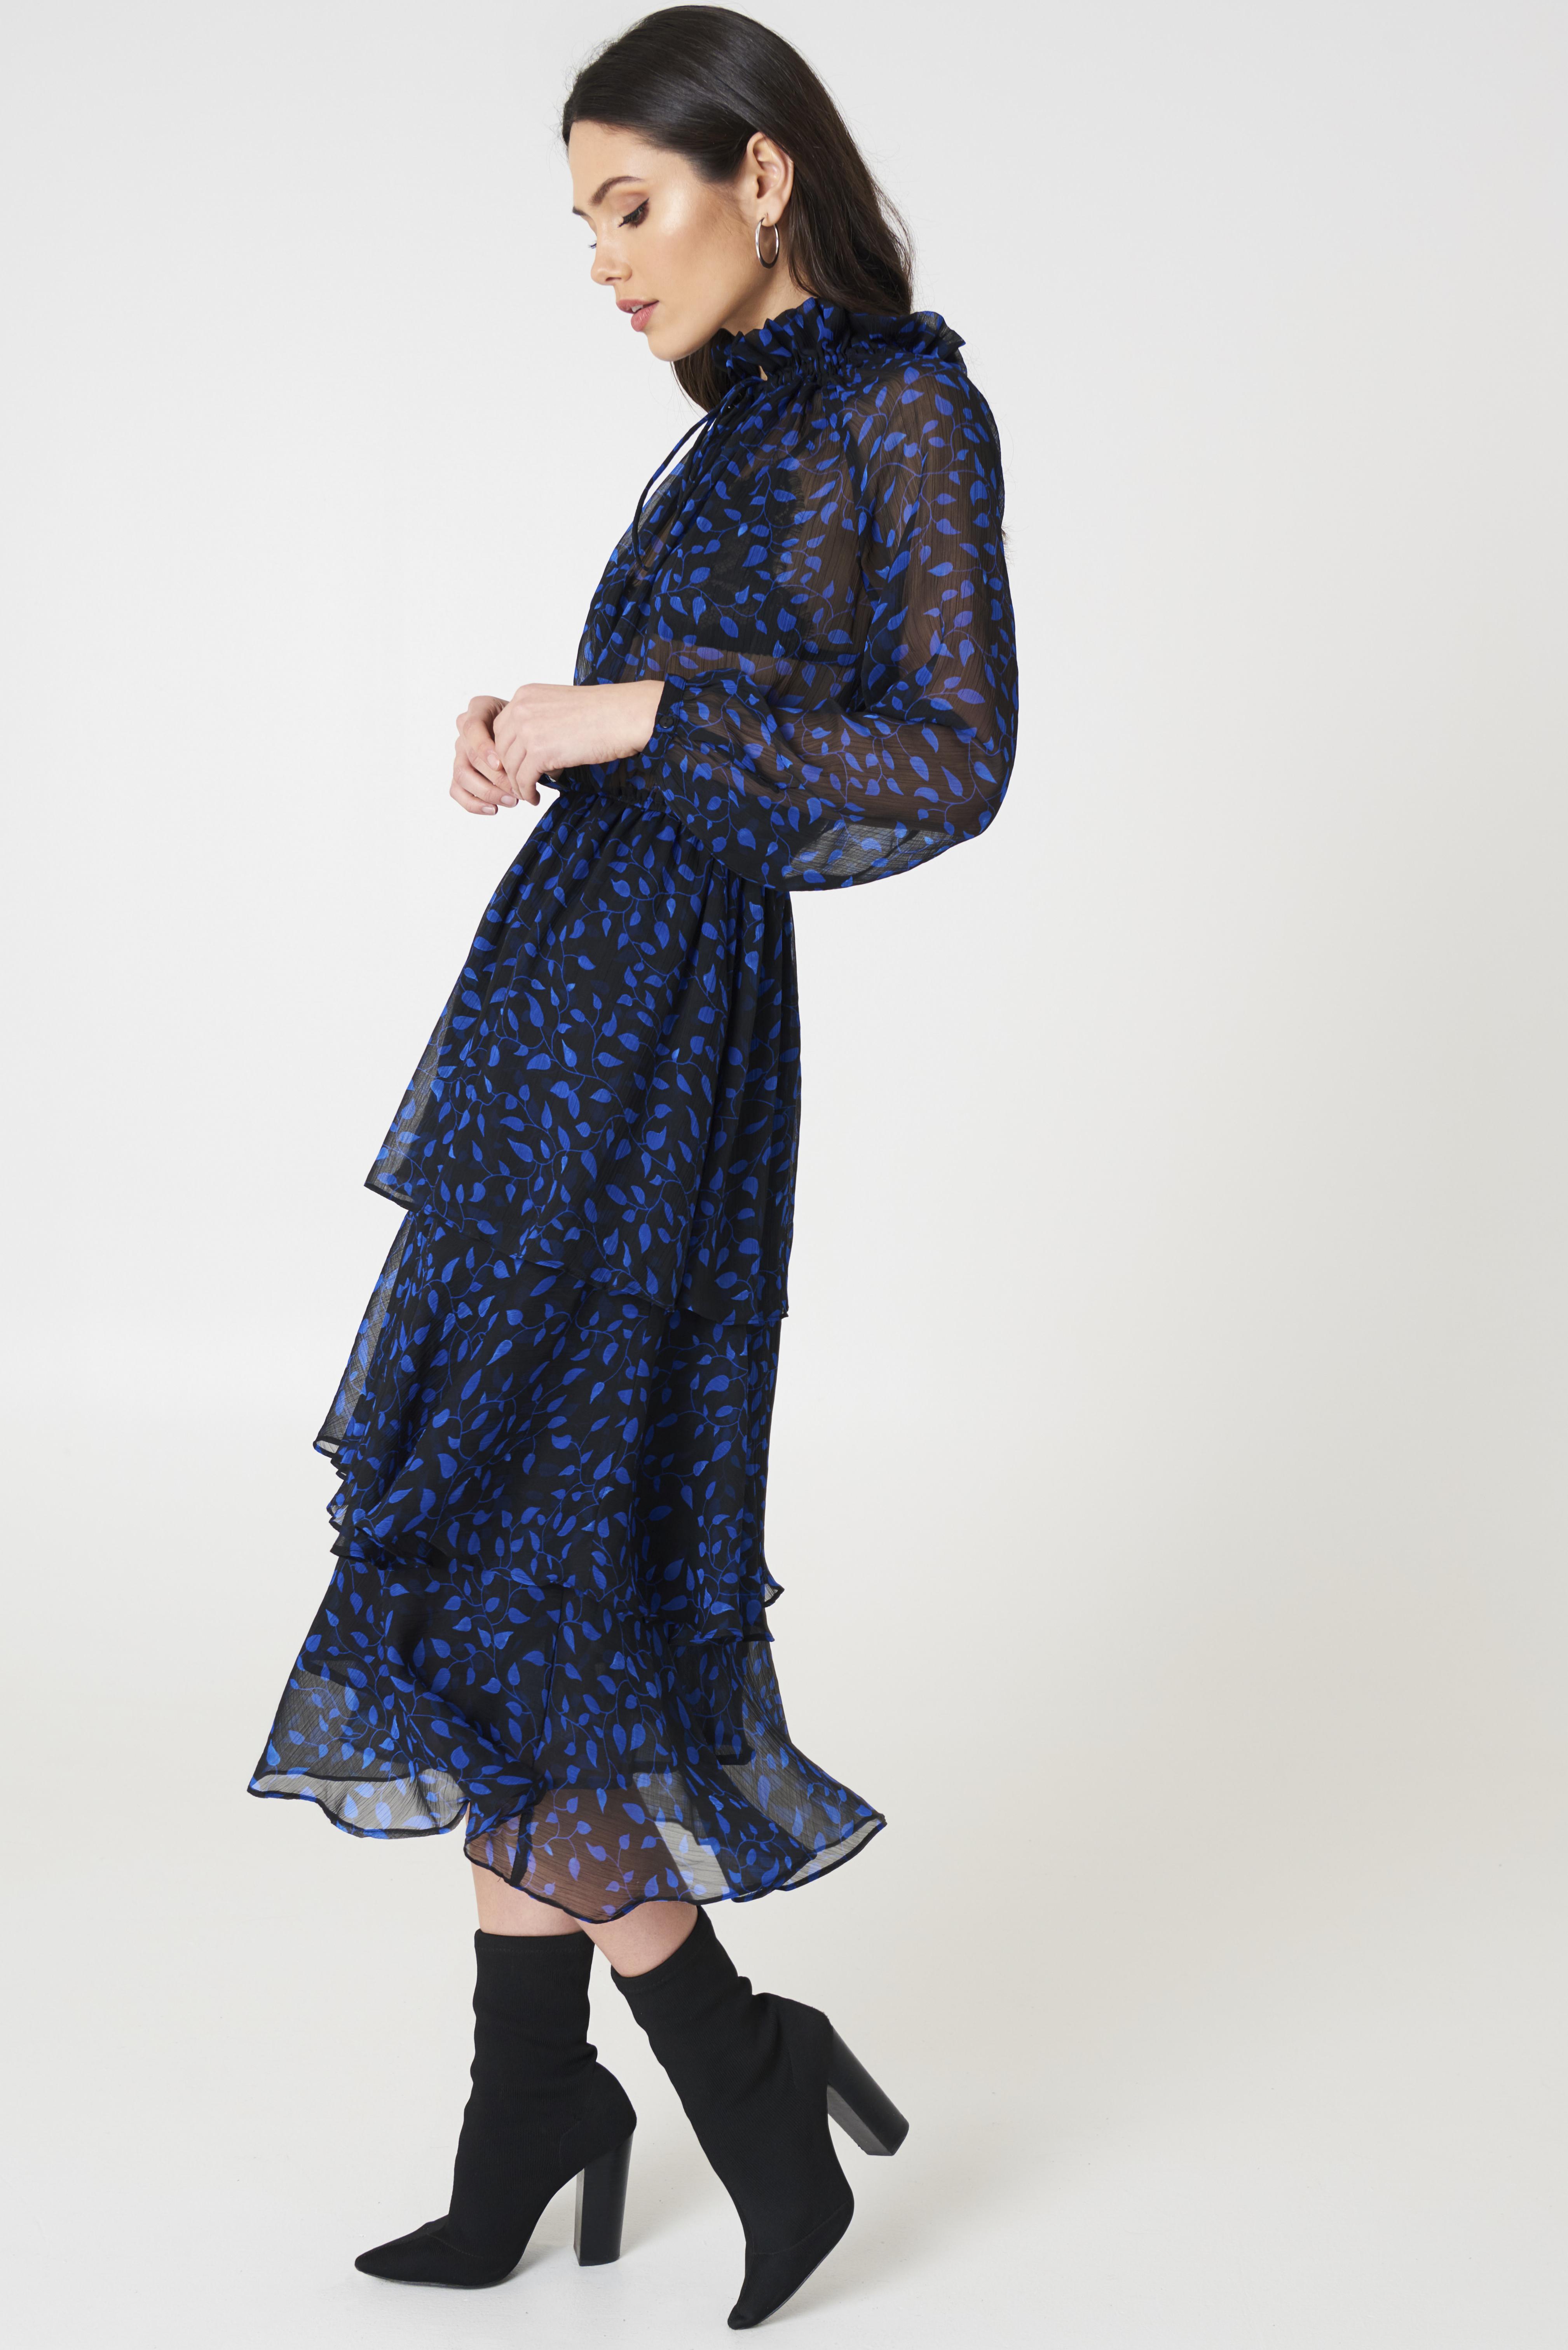 Teure Kleid – Abendkleider Schwarzes Langarm Glitzer Oknw80P